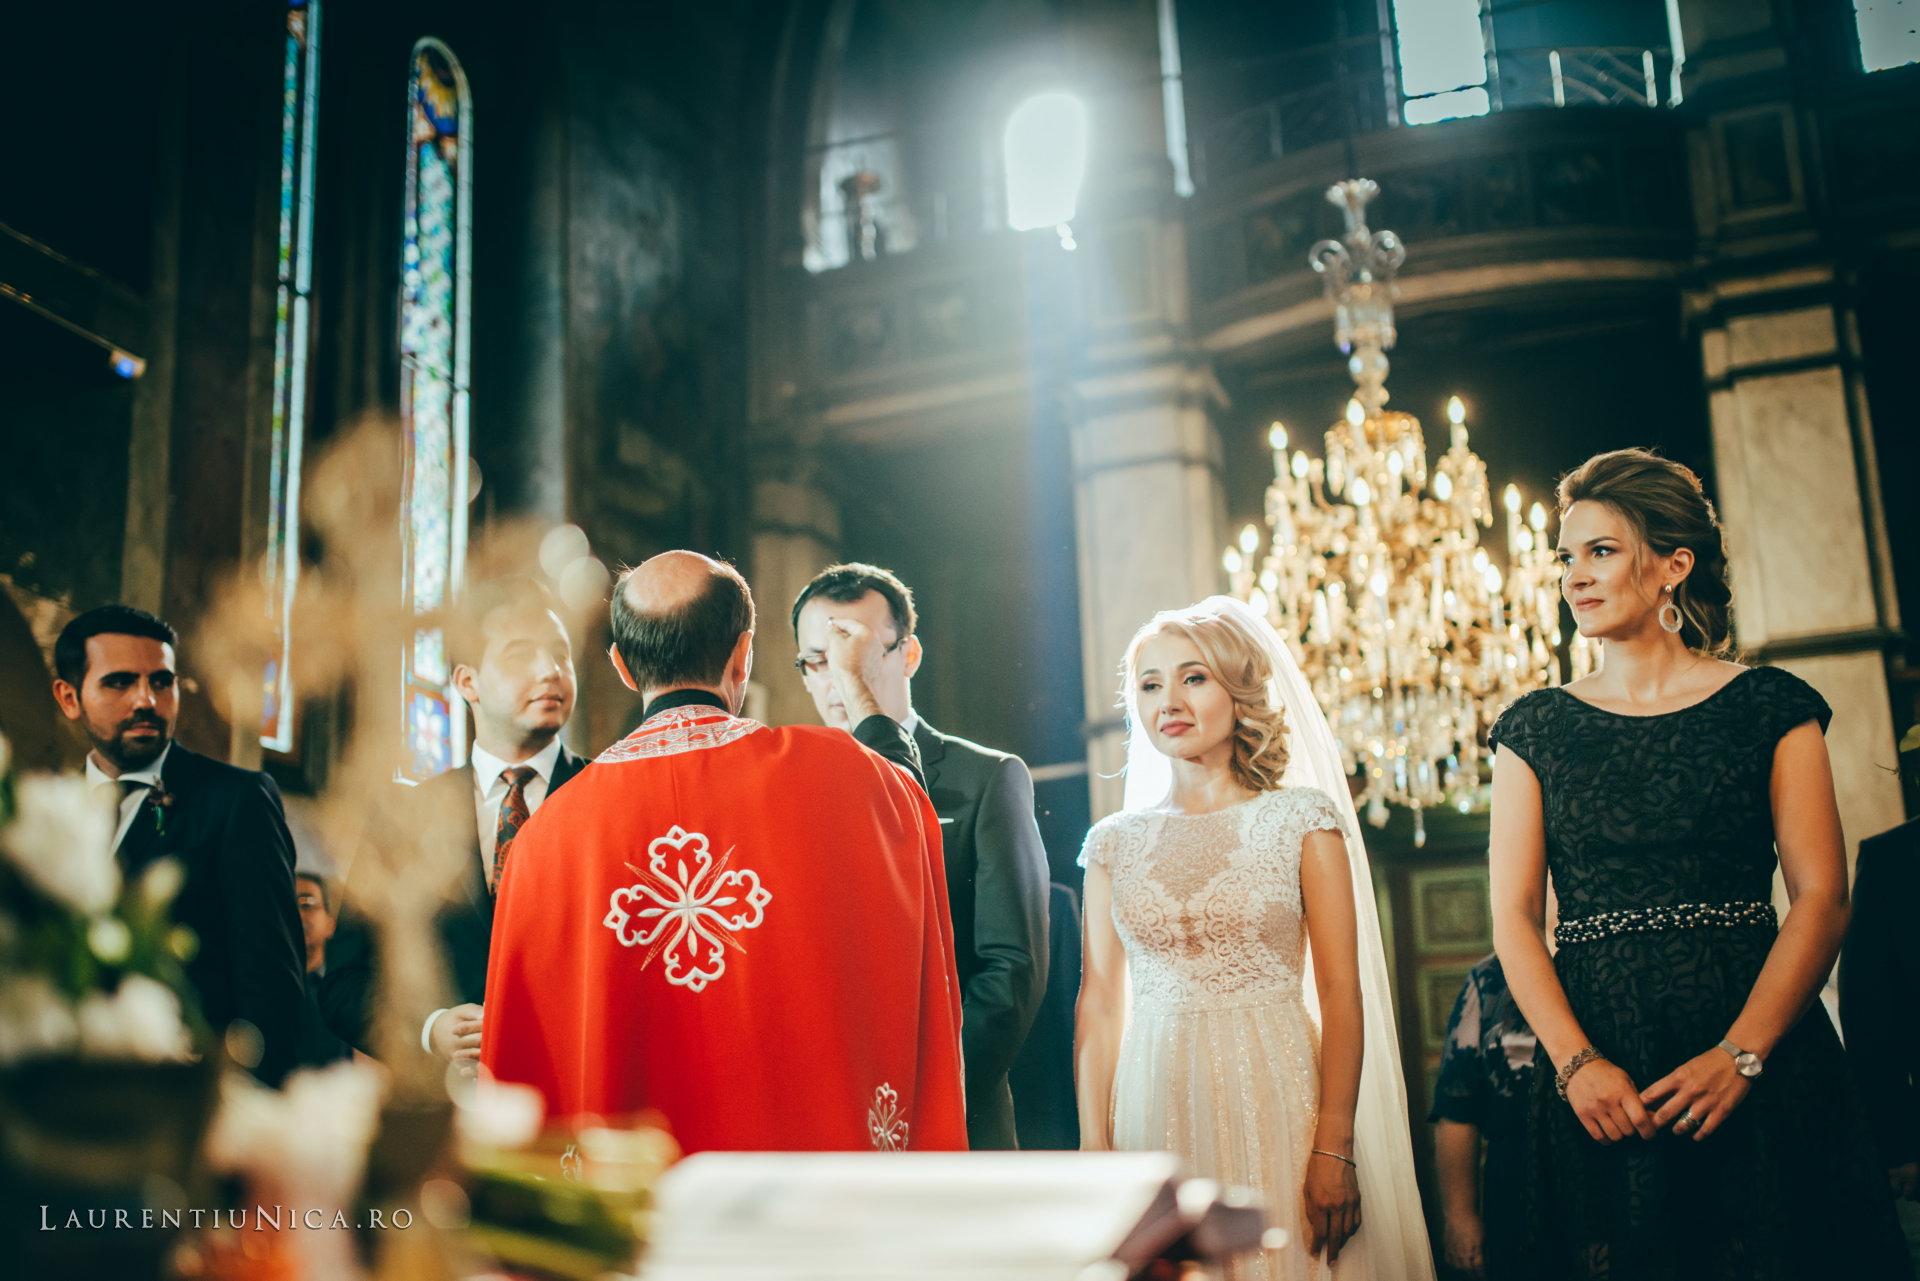 alina si razvan craiova fotograf nunta laurentiu nica36 - Alina & Razvan | Fotografii nunta